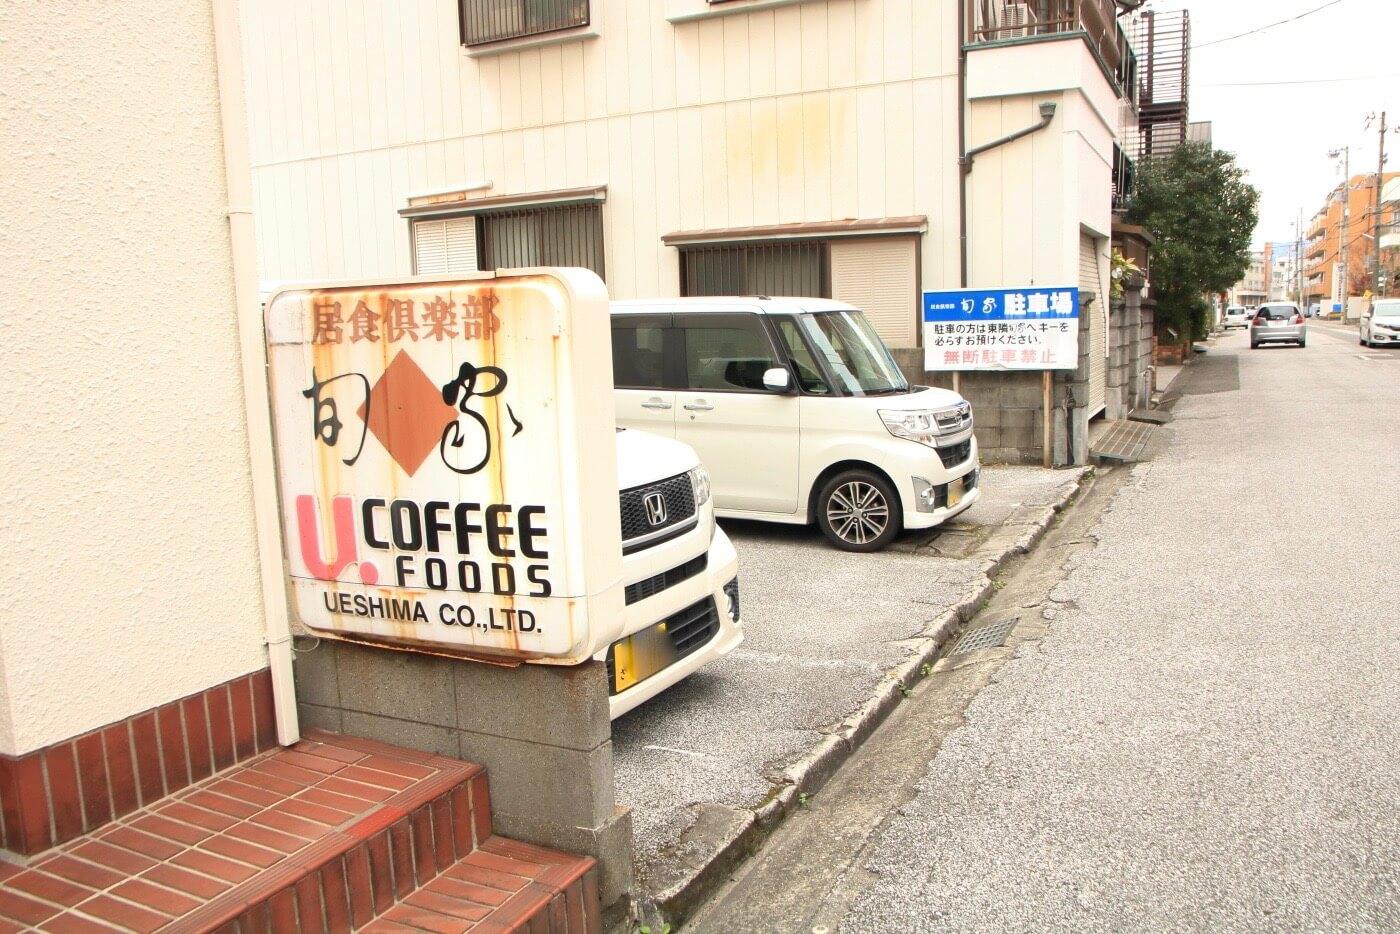 居食倶楽部 旬家(じゅんや) 駐車場